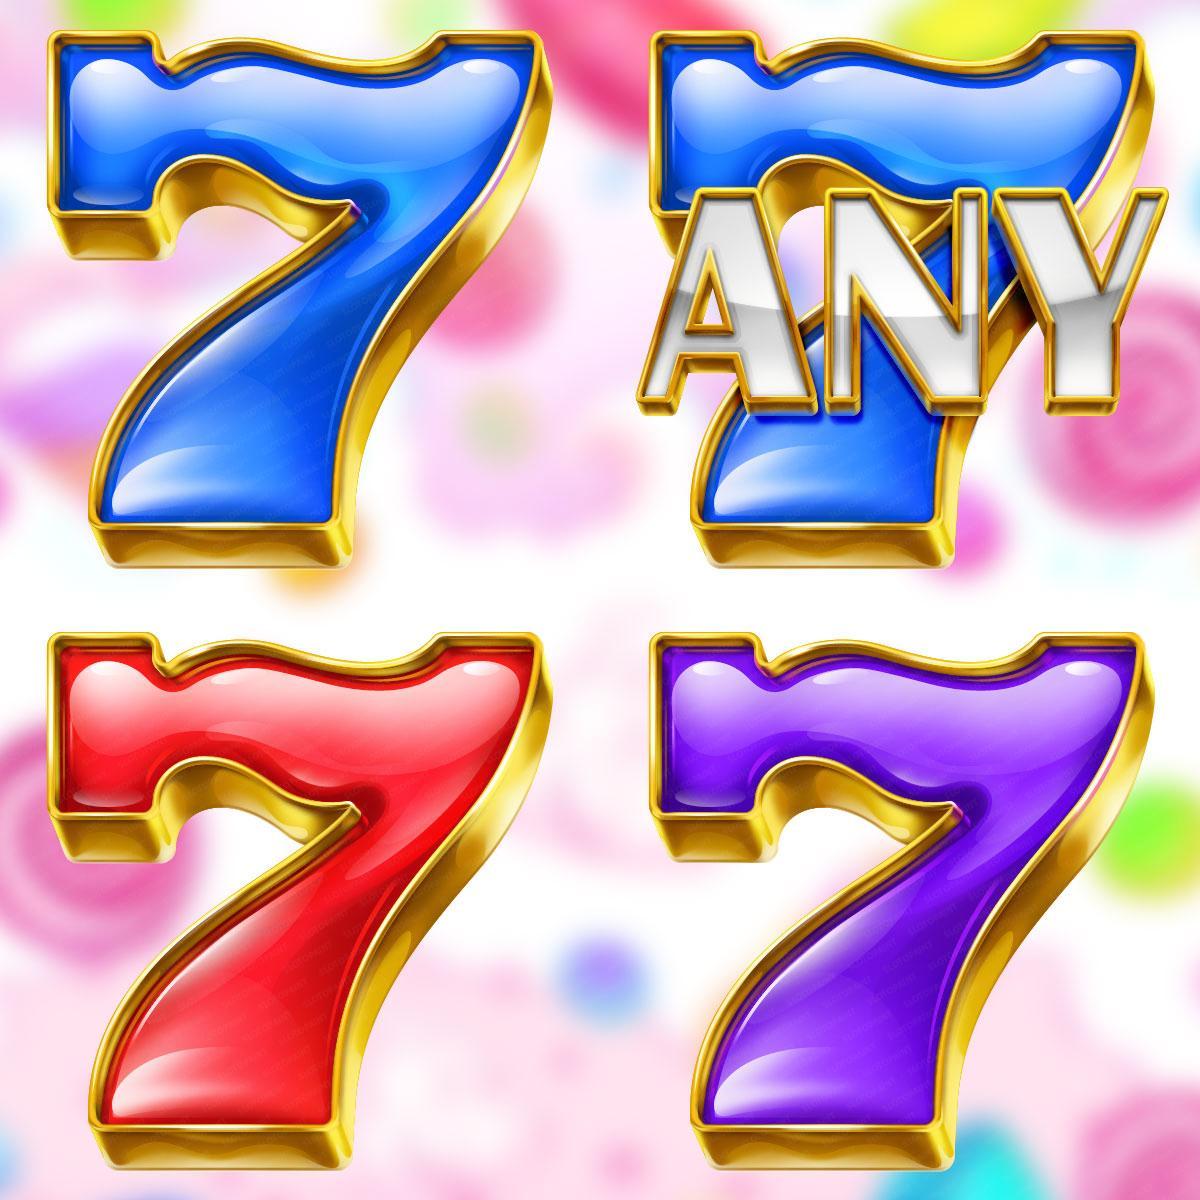 jelly_777_symbols-1